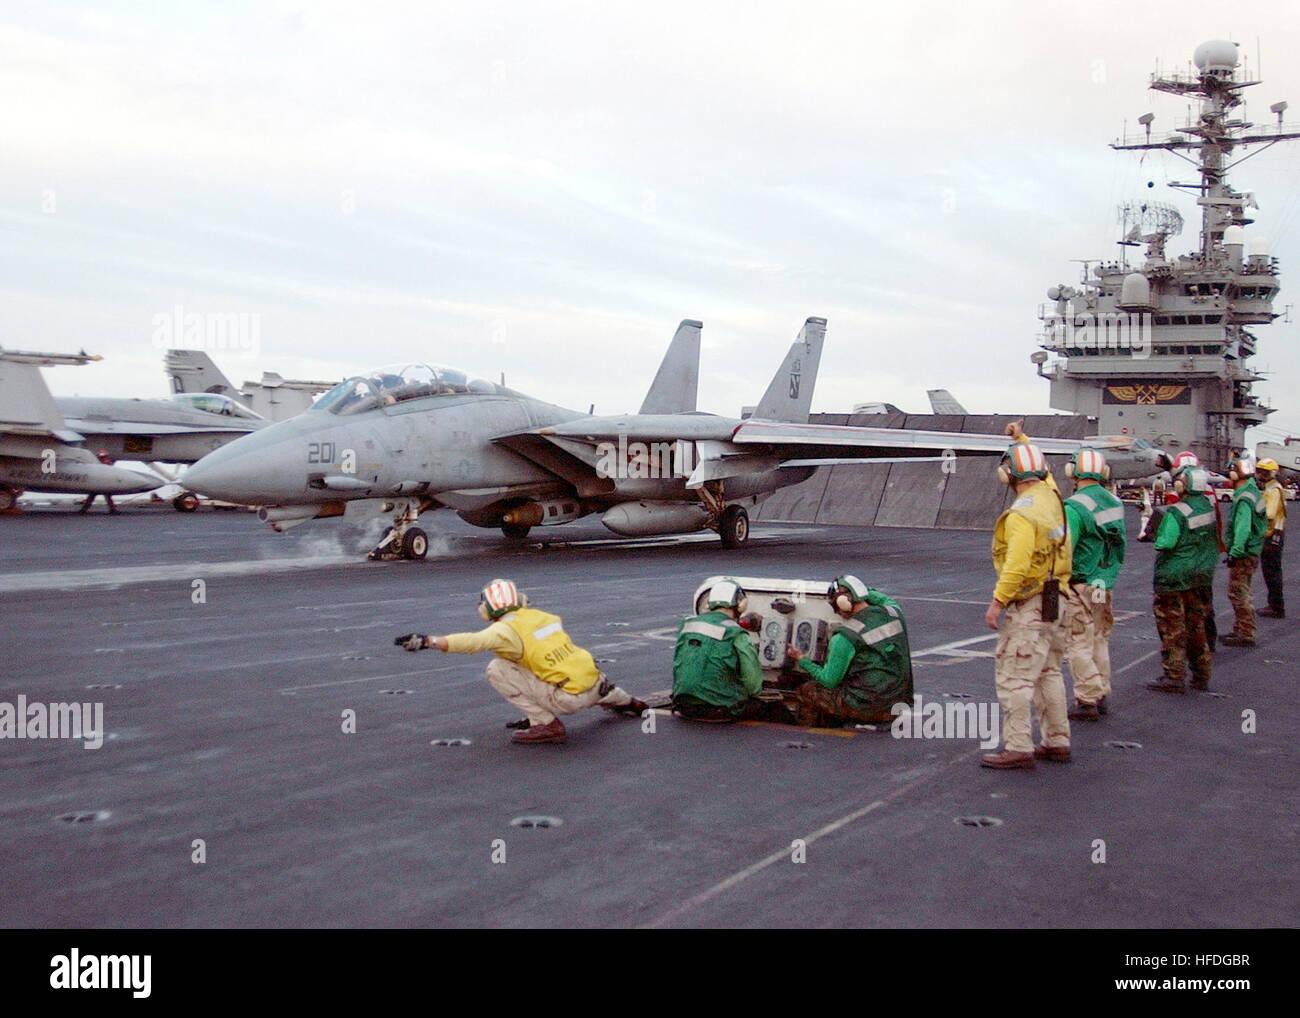 020319 n 6492h 516 at sea aboard uss john f kennedy cv 67 mar 19